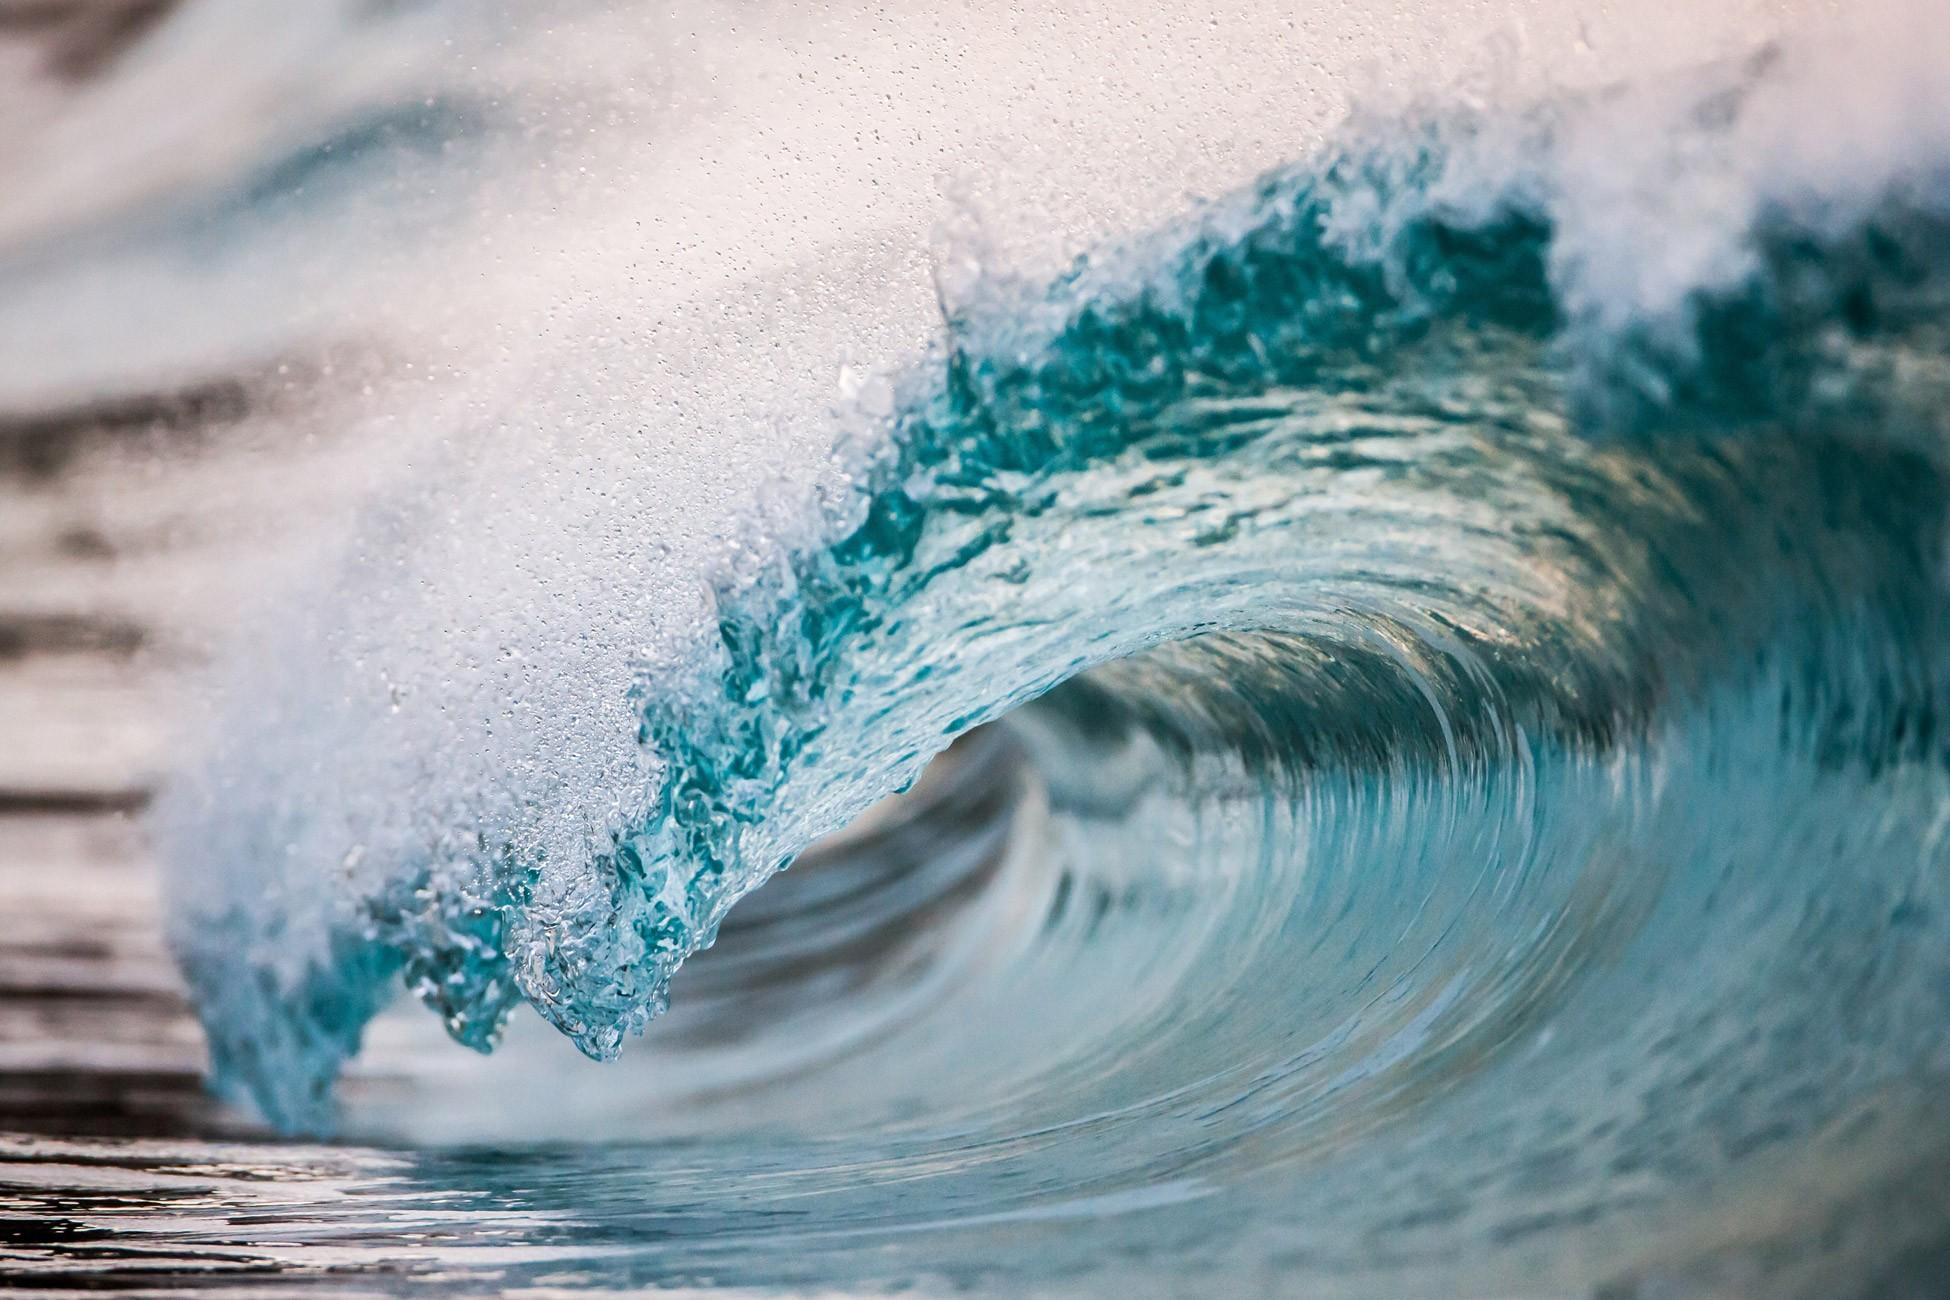 процесс изготовления фотография показывающая удивительную красоту воды купить